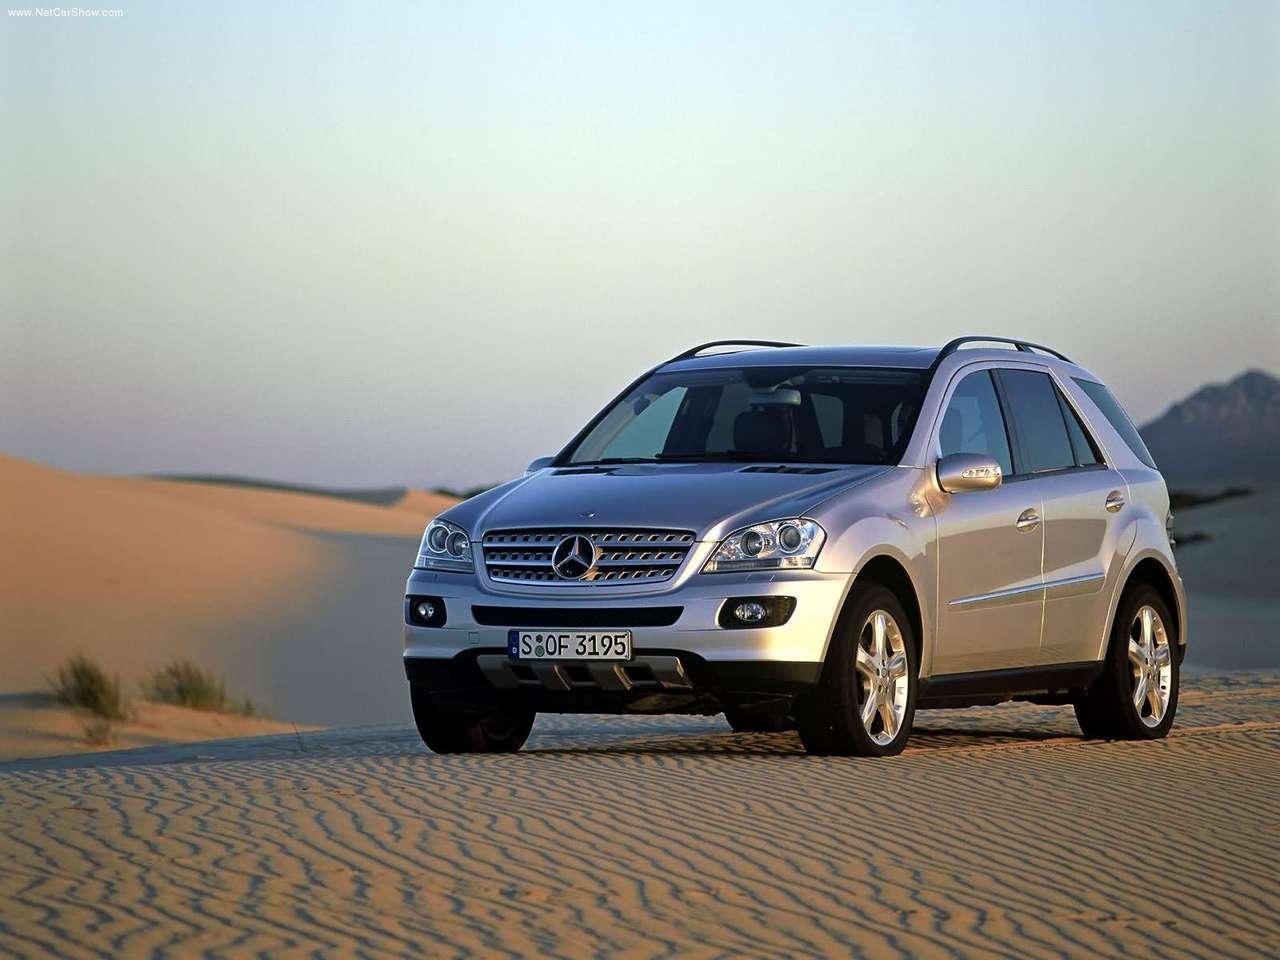 http://2.bp.blogspot.com/_vPMjJG-enrk/S9QHW1poqgI/AAAAAAAABFY/YRJi-Fc-pvs/s1600/Mercedes-Benz-ML350_2006_1280x960_wallpaper_02.jpg